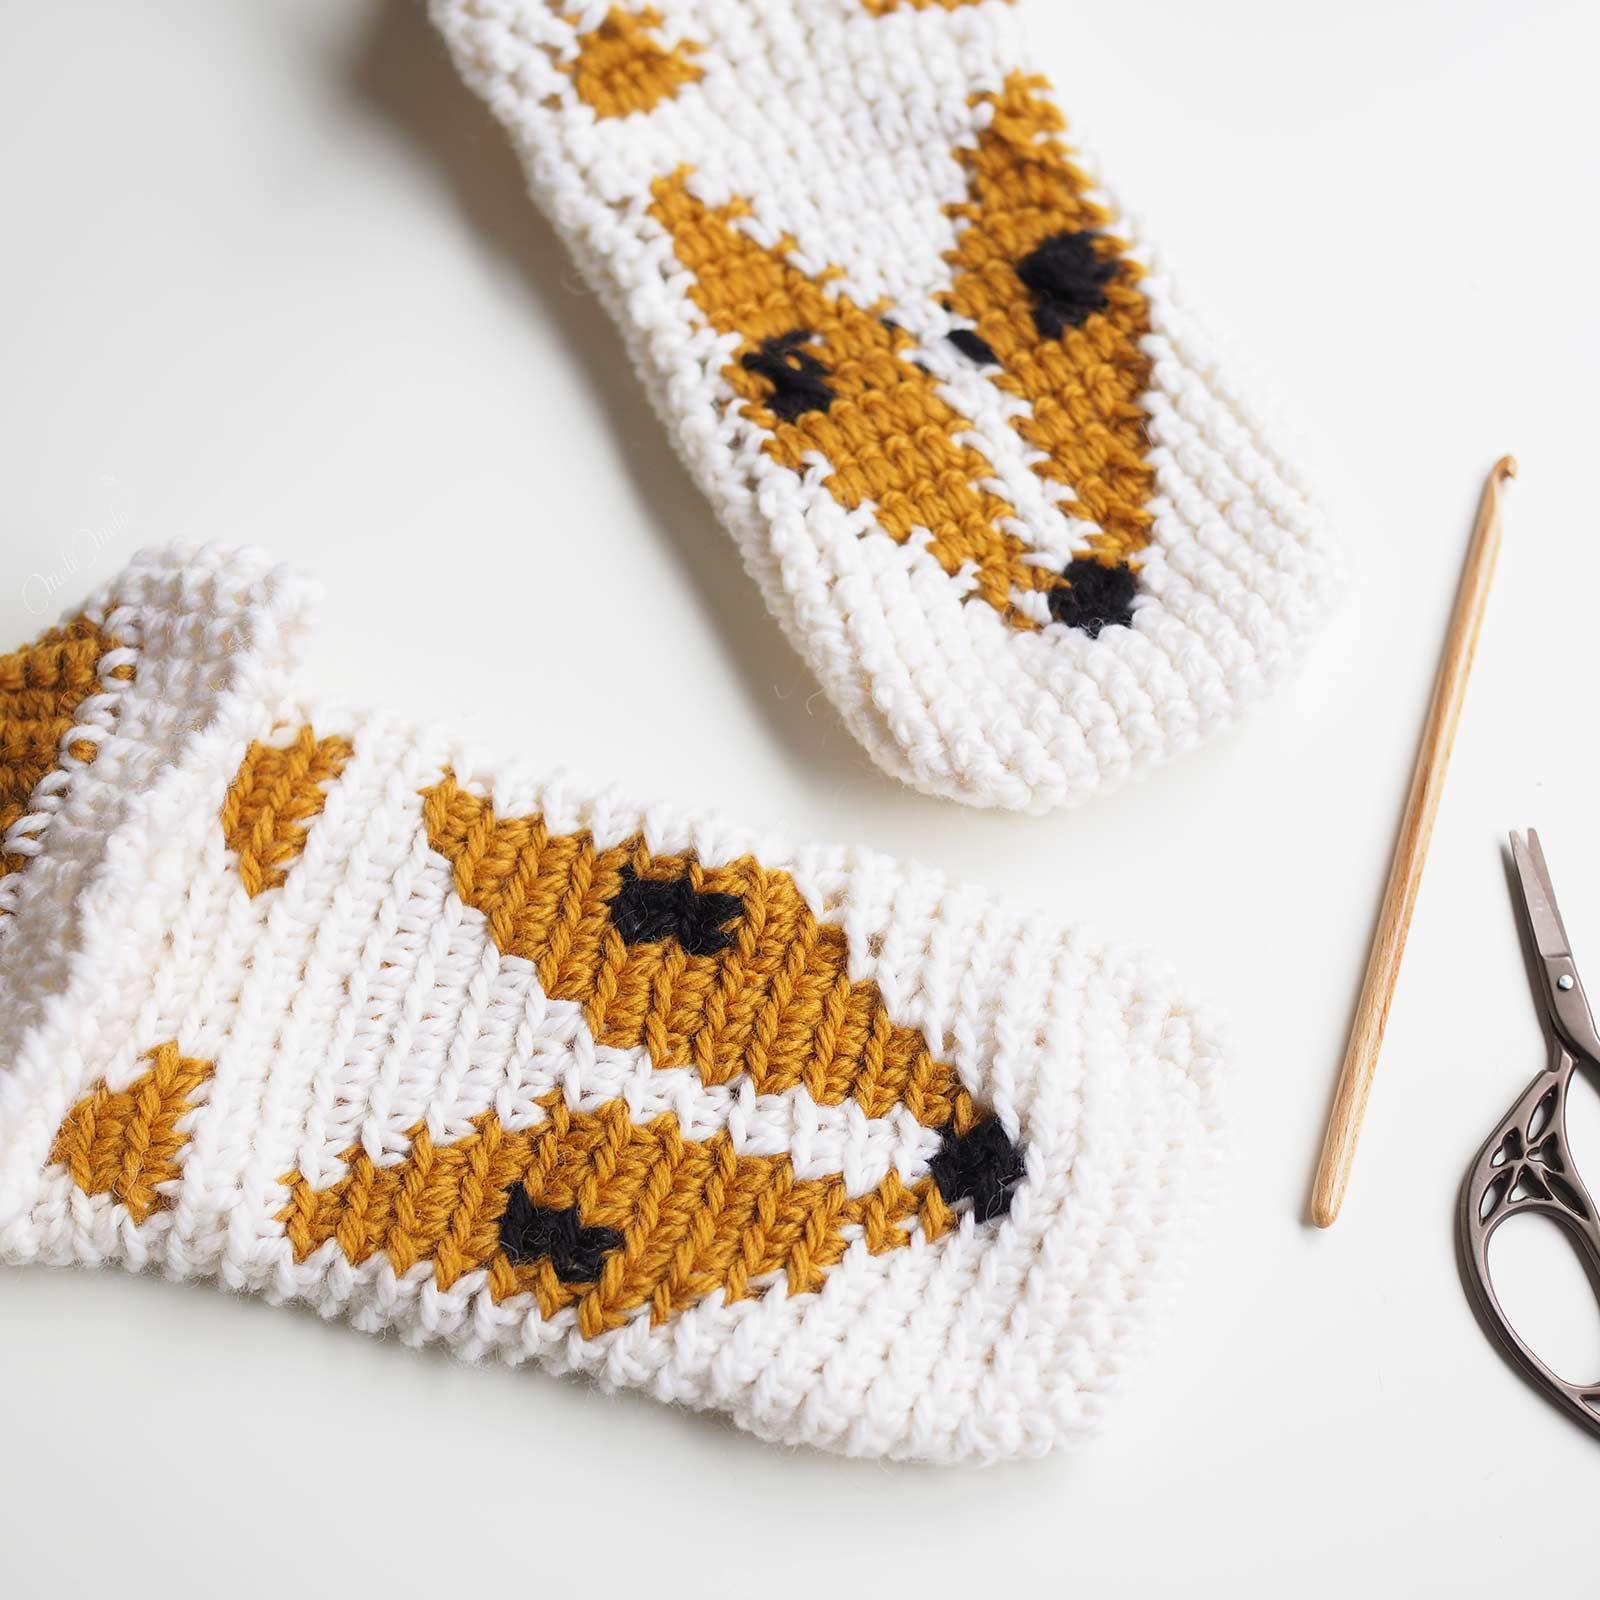 crochet chaussons renard slippers fox boutique melimelo devine debris